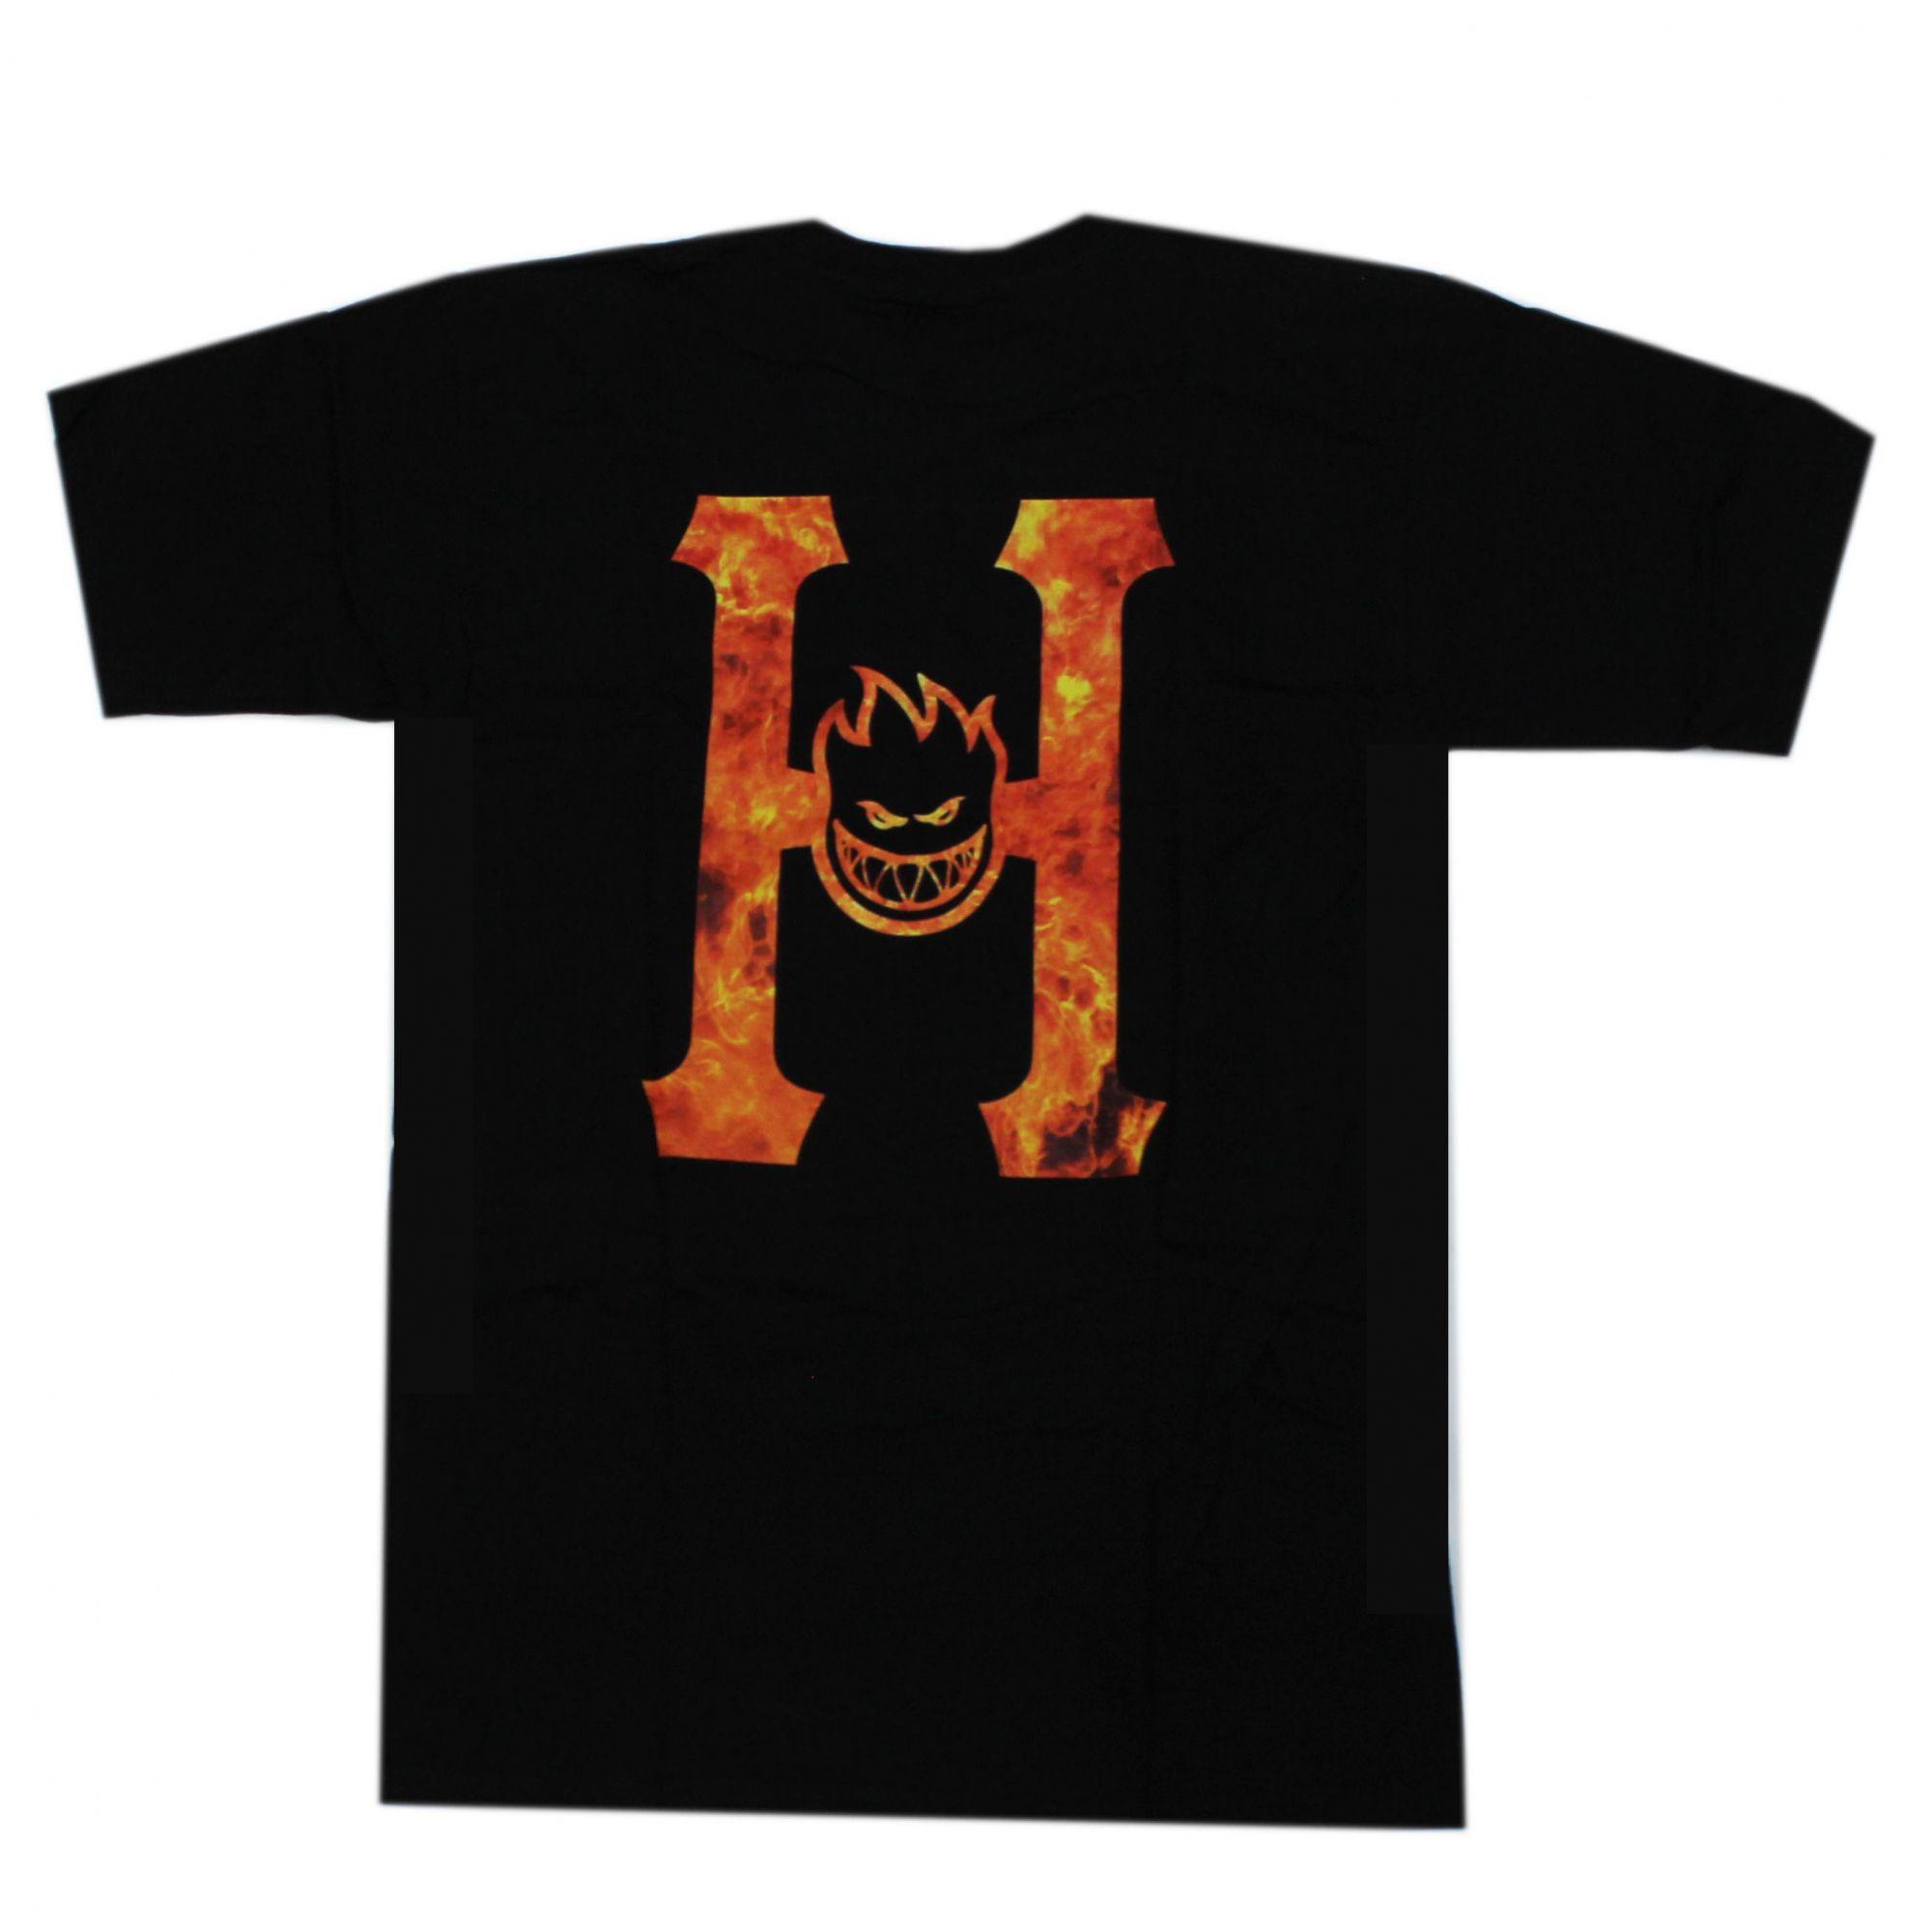 Camiseta HUF x Spitfire Flaming - Preto (Importado)